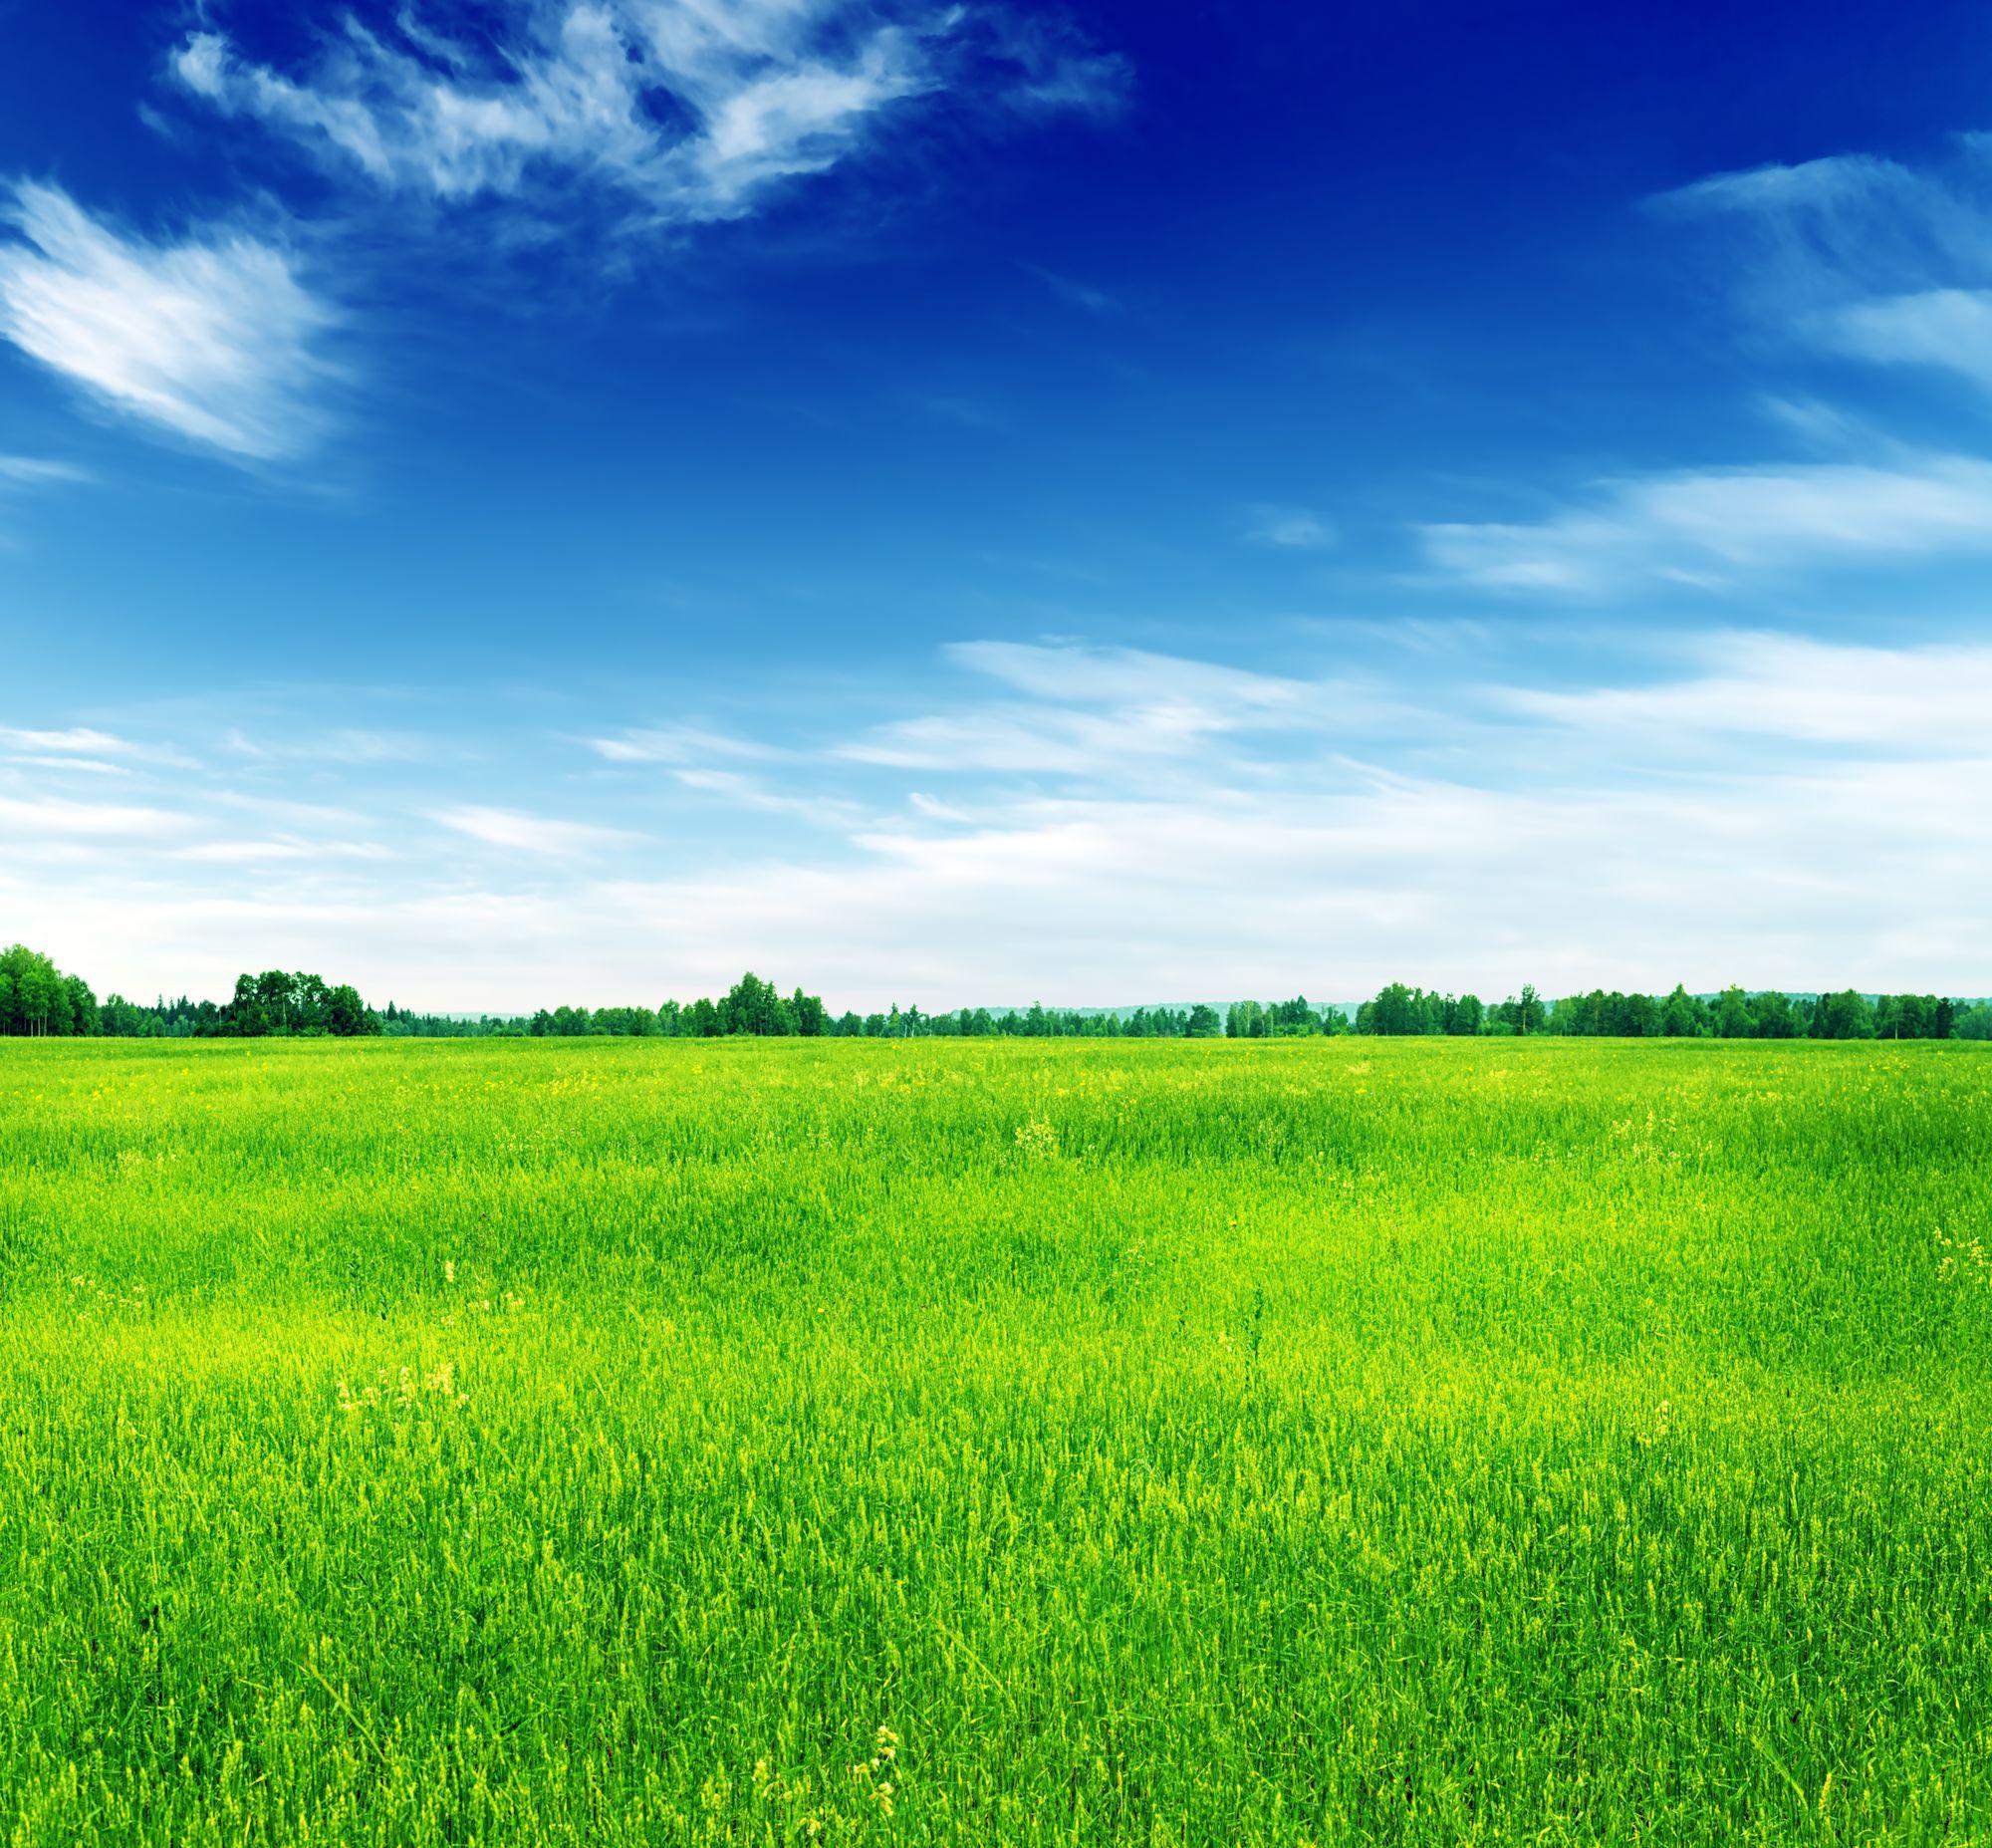 Uitzicht op groen gras